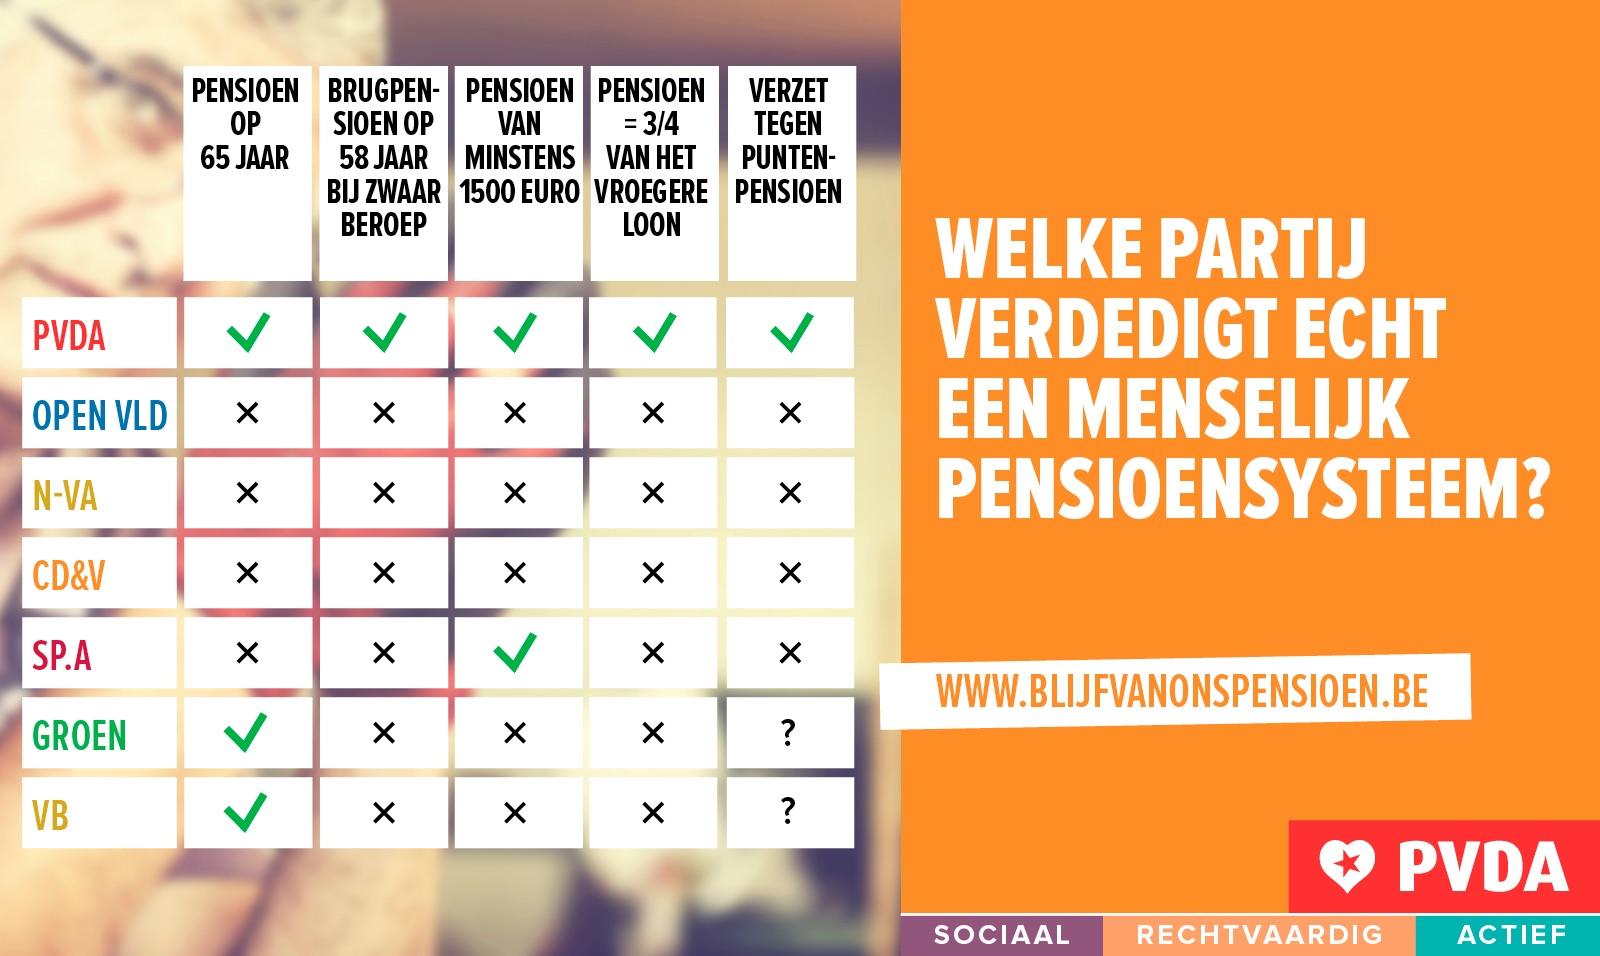 tabel vergelijking pensioenstandpunten